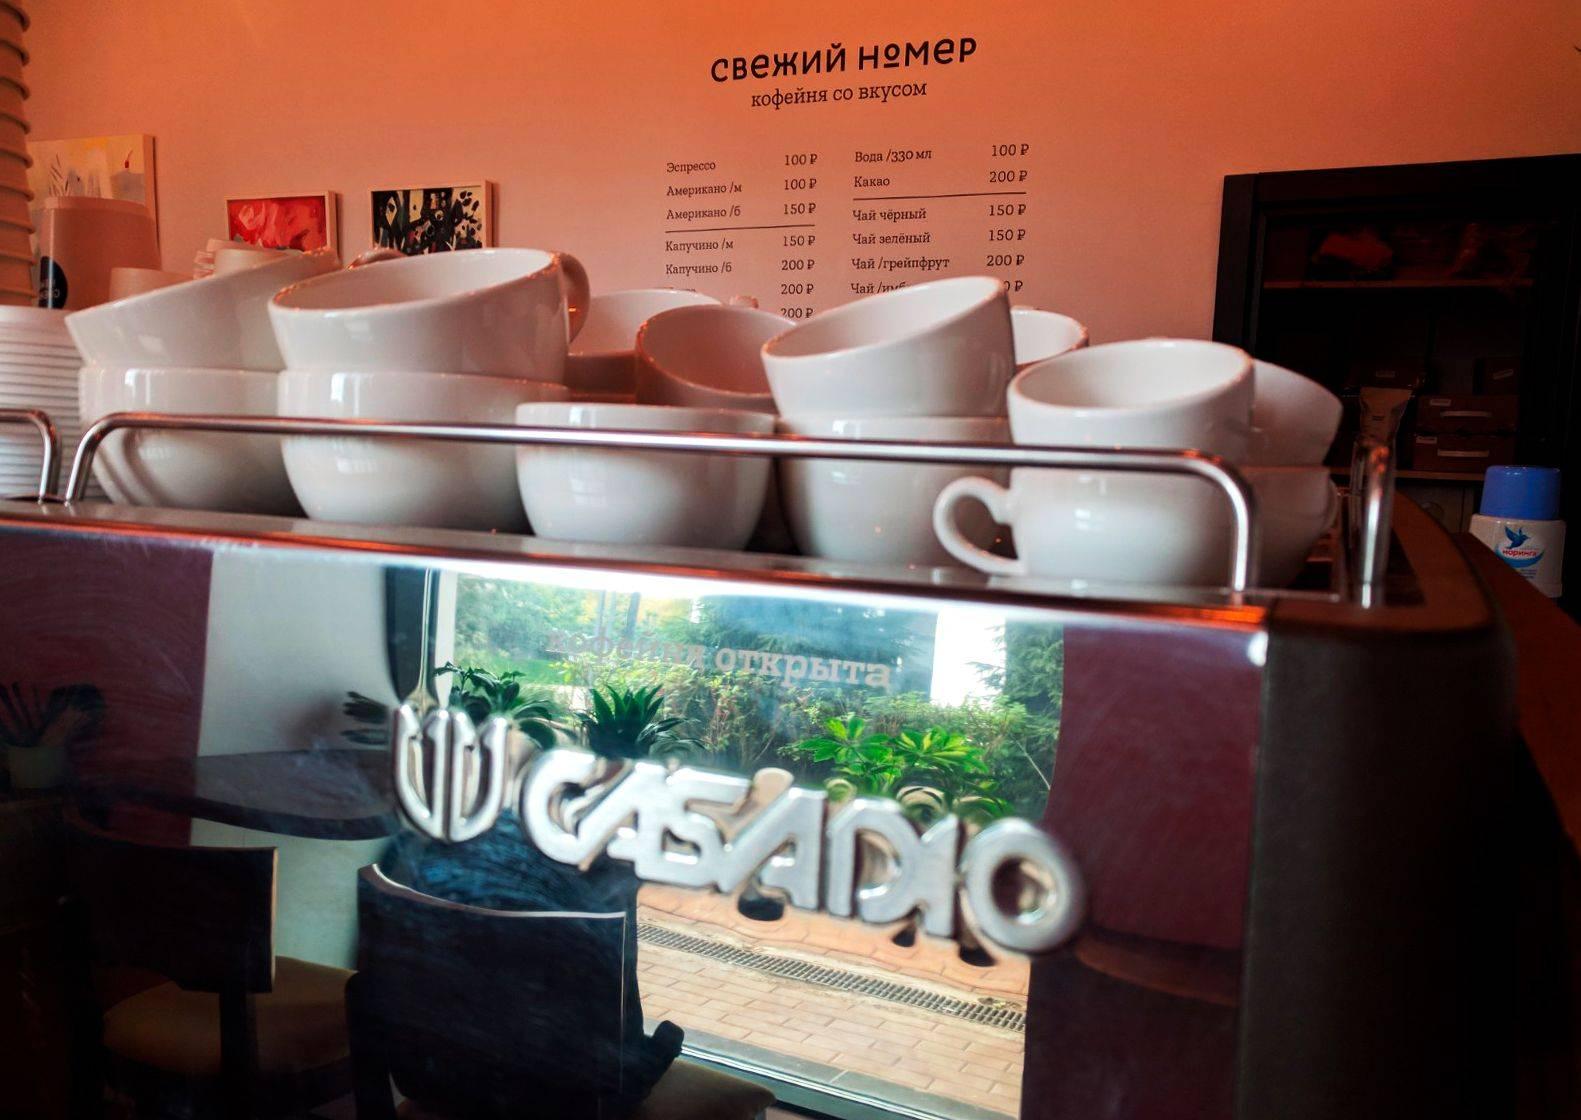 кофейня Свежий номер на Водном стадионе